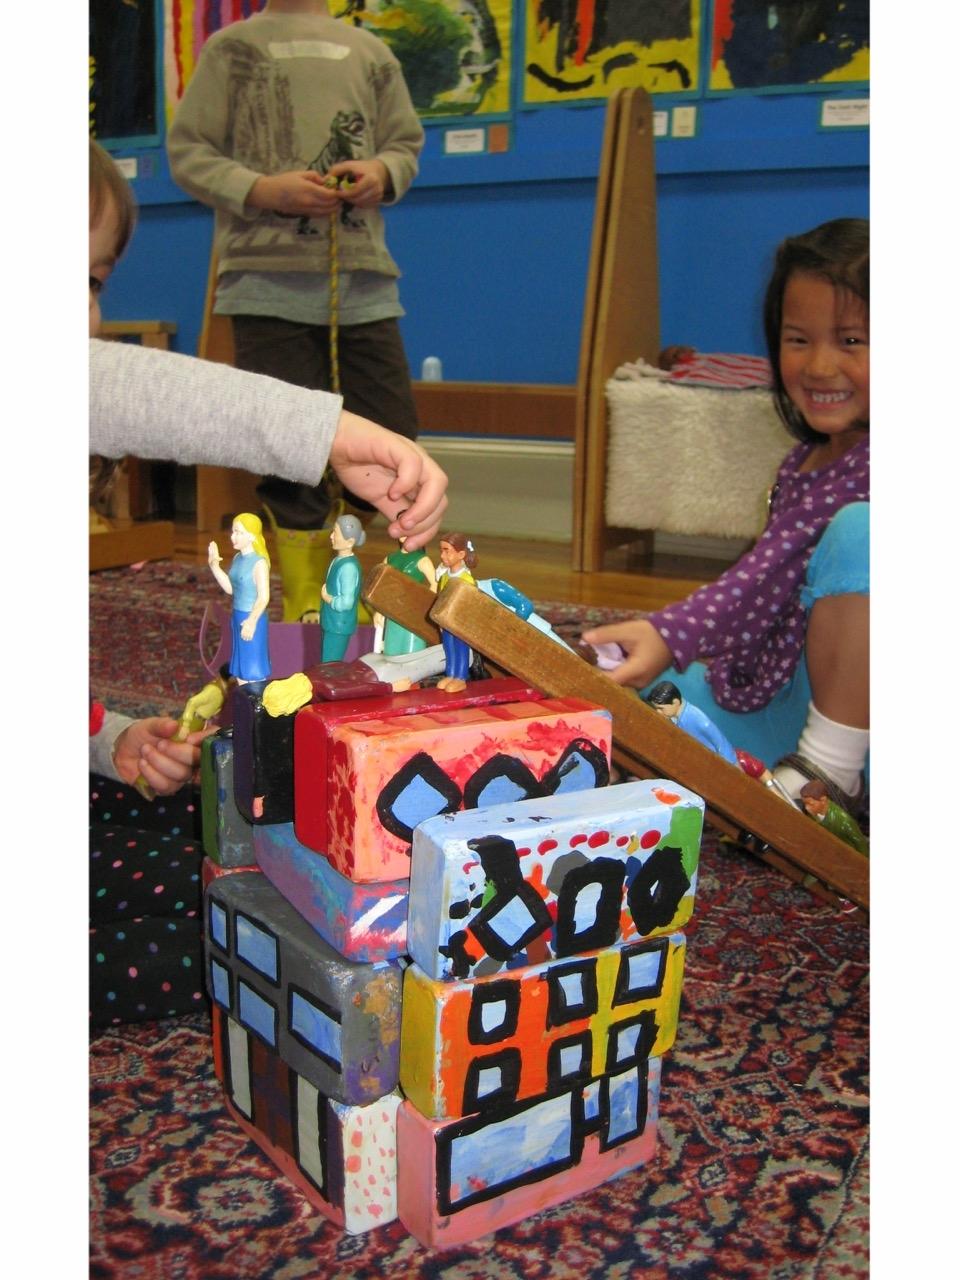 Painted blocks and play people.jpg